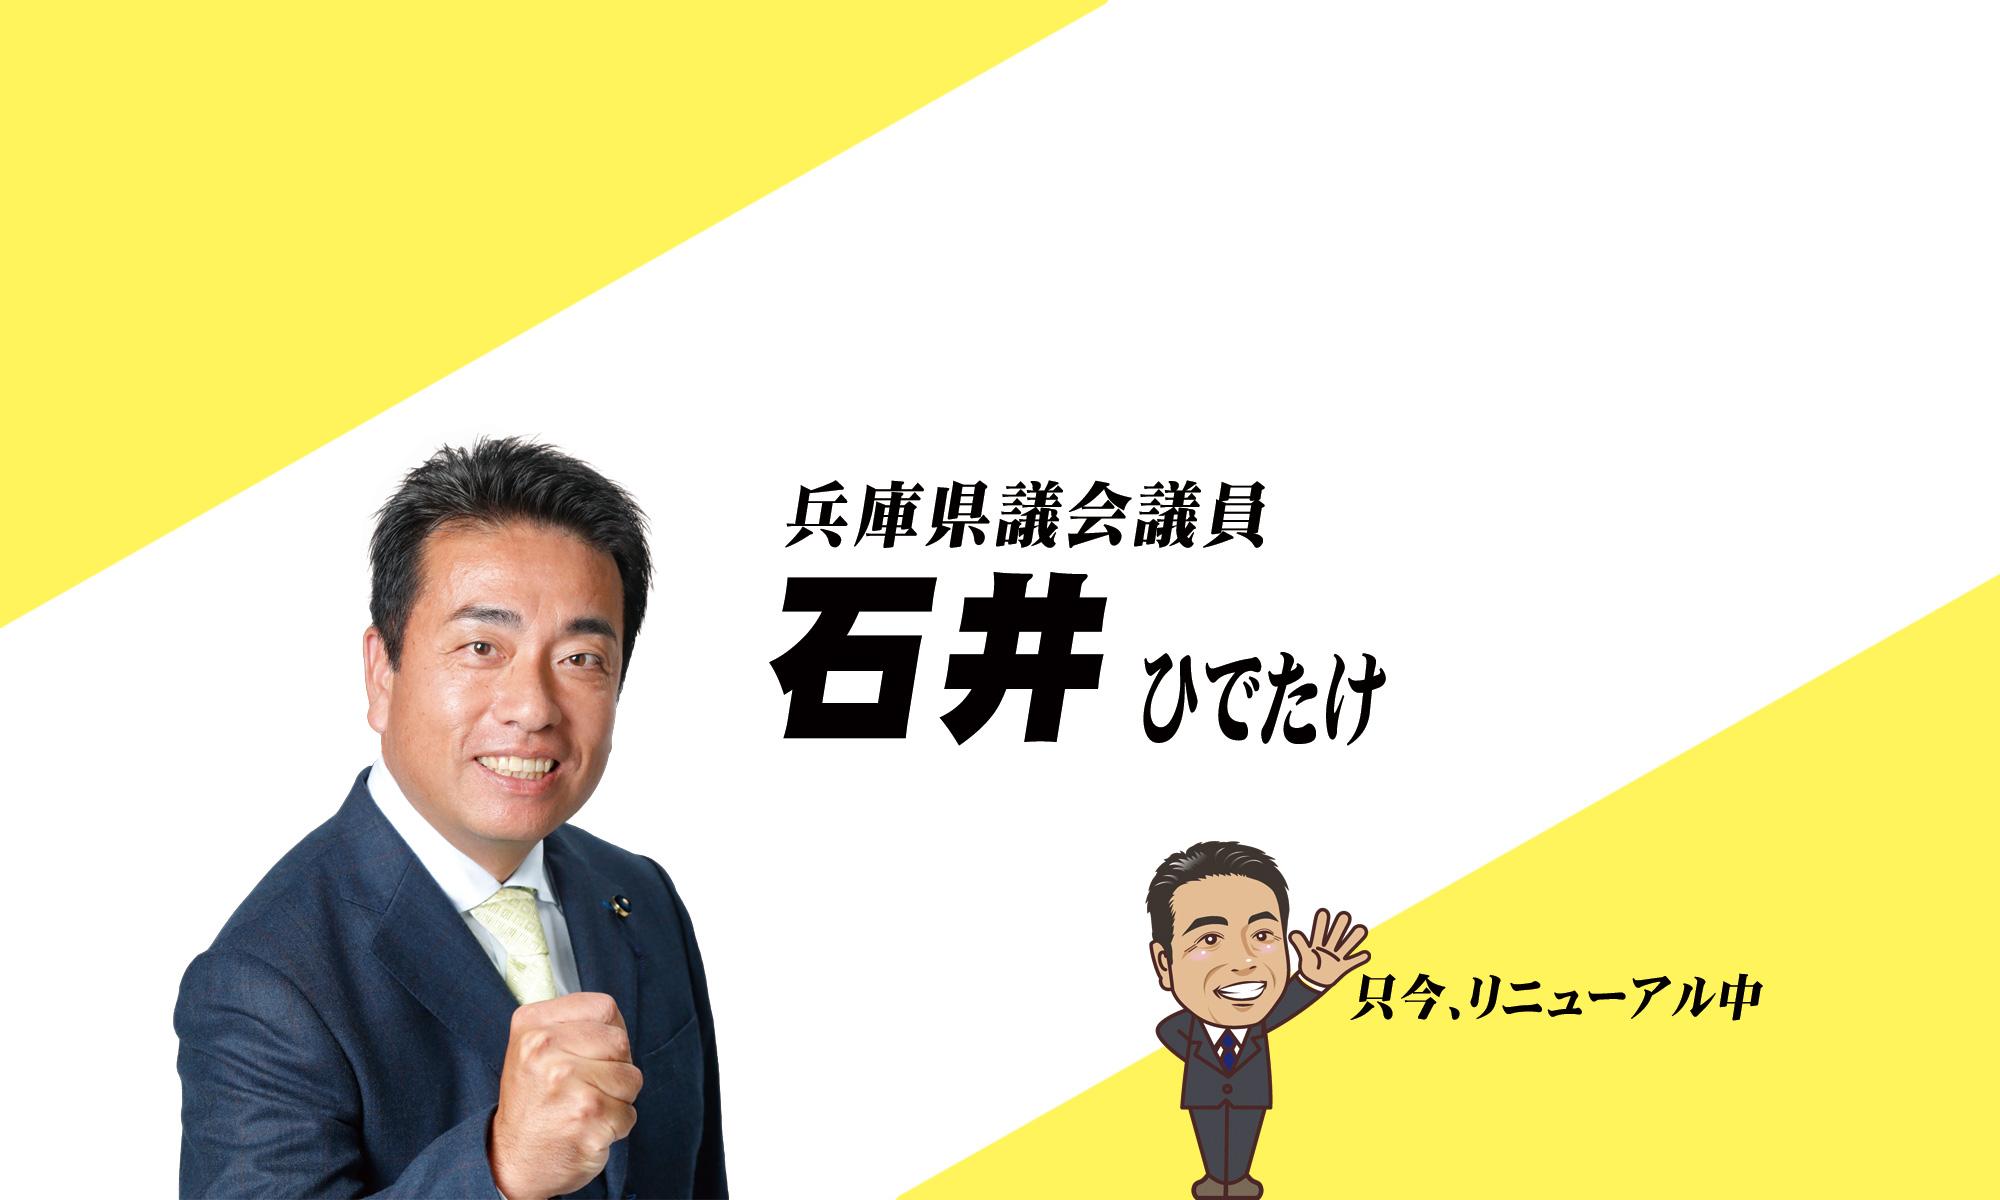 兵庫県議会議員 石井ひでたけ公式サイト